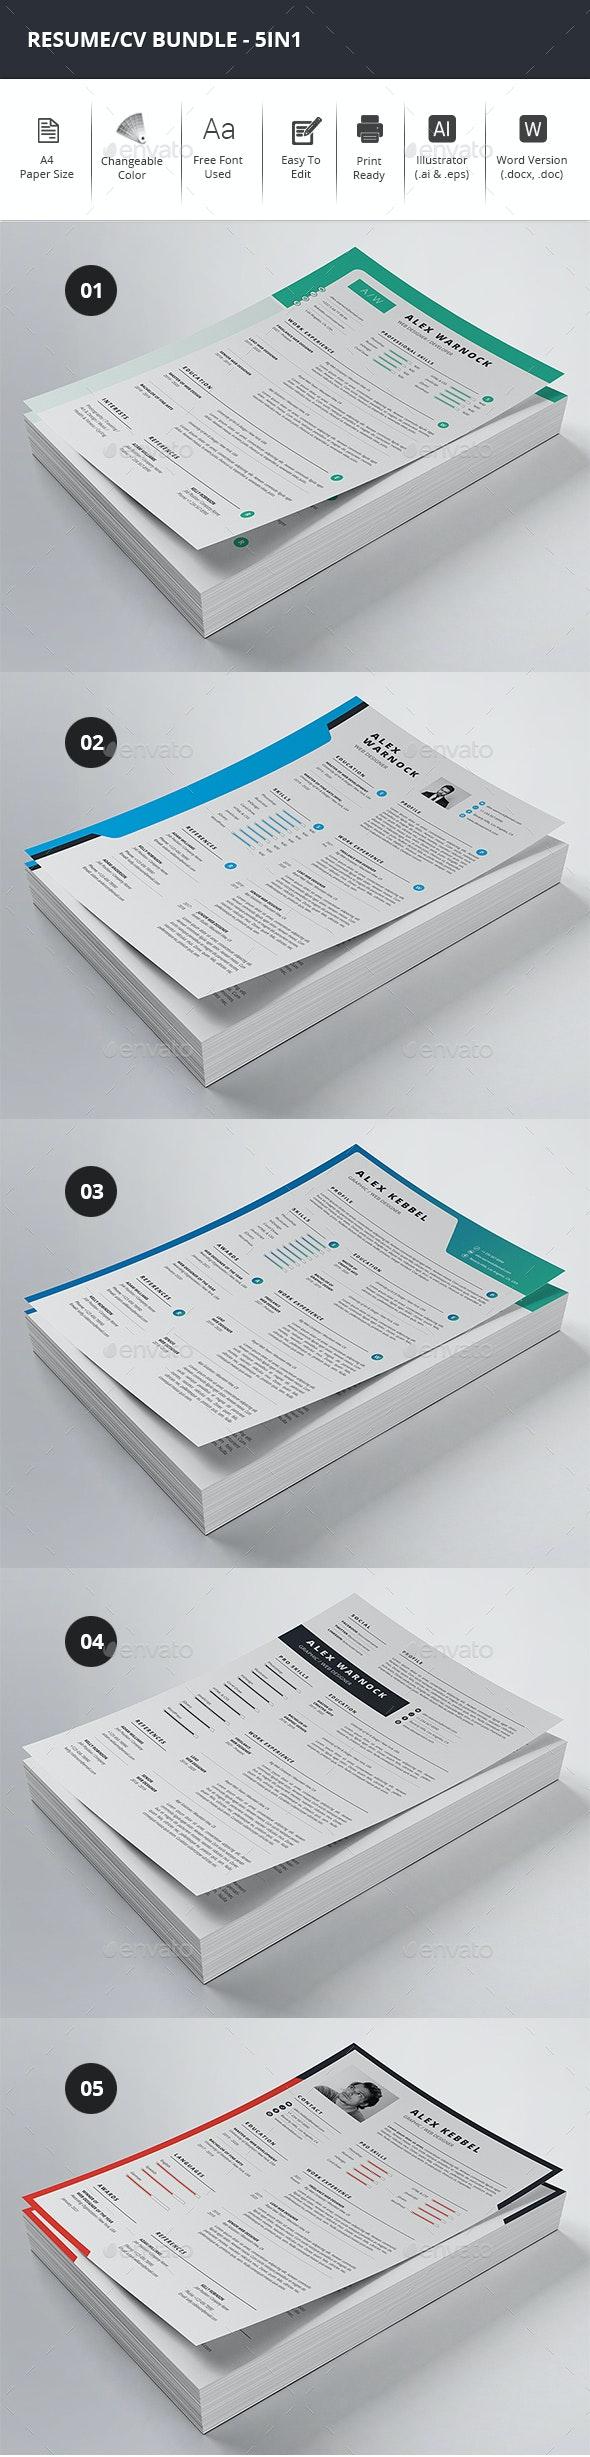 Clean Resume/CV Bundle - 5in1 - Resumes Stationery